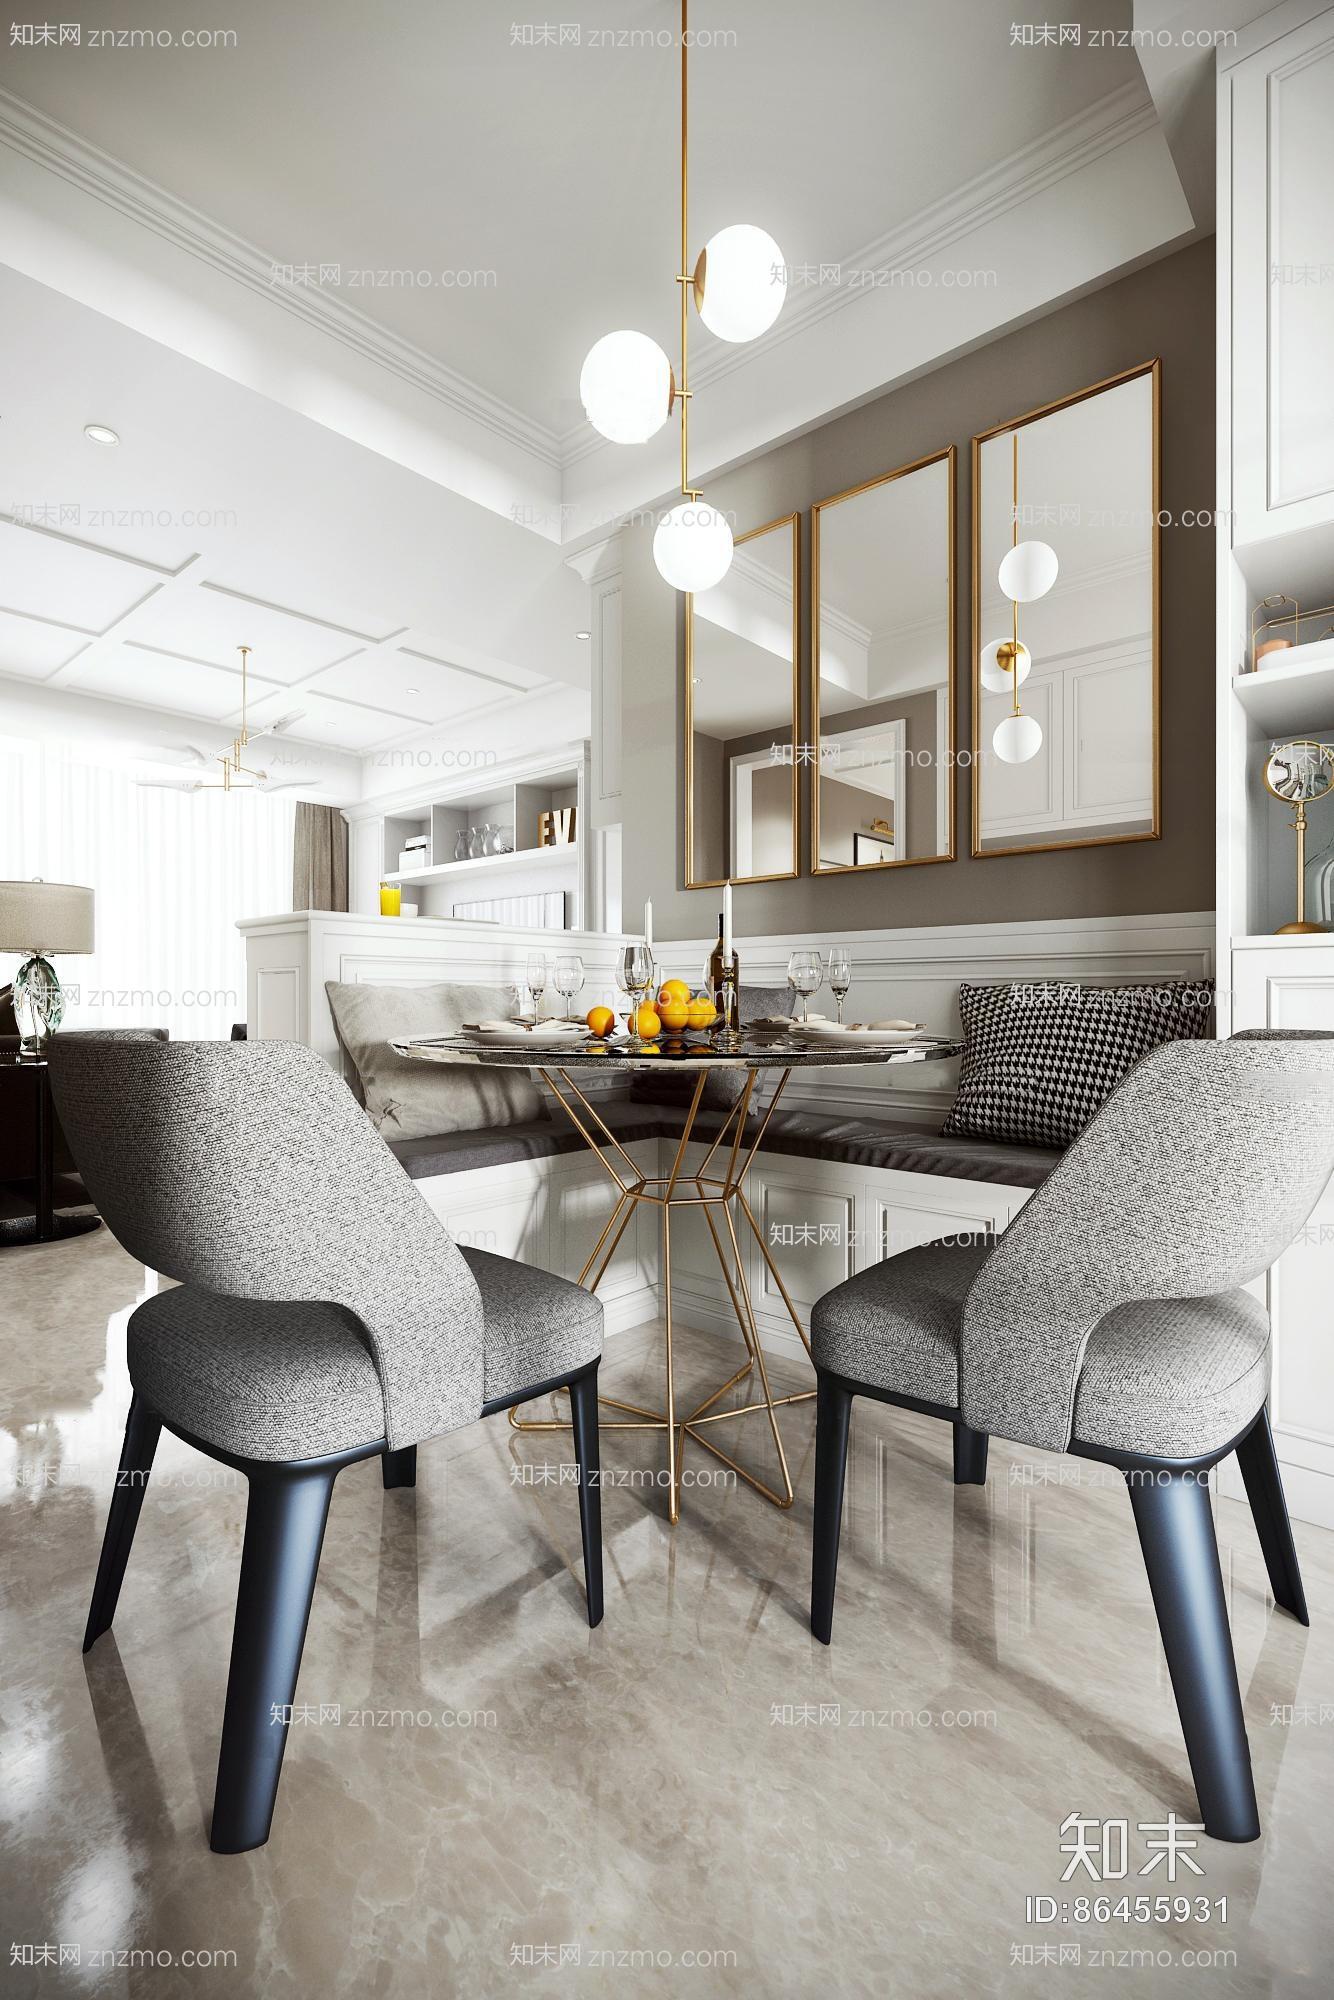 现代客厅餐厅门厅 吊灯 台灯 单双人沙发 茶几 置物柜 储物柜 装饰柜 挂画 餐桌椅